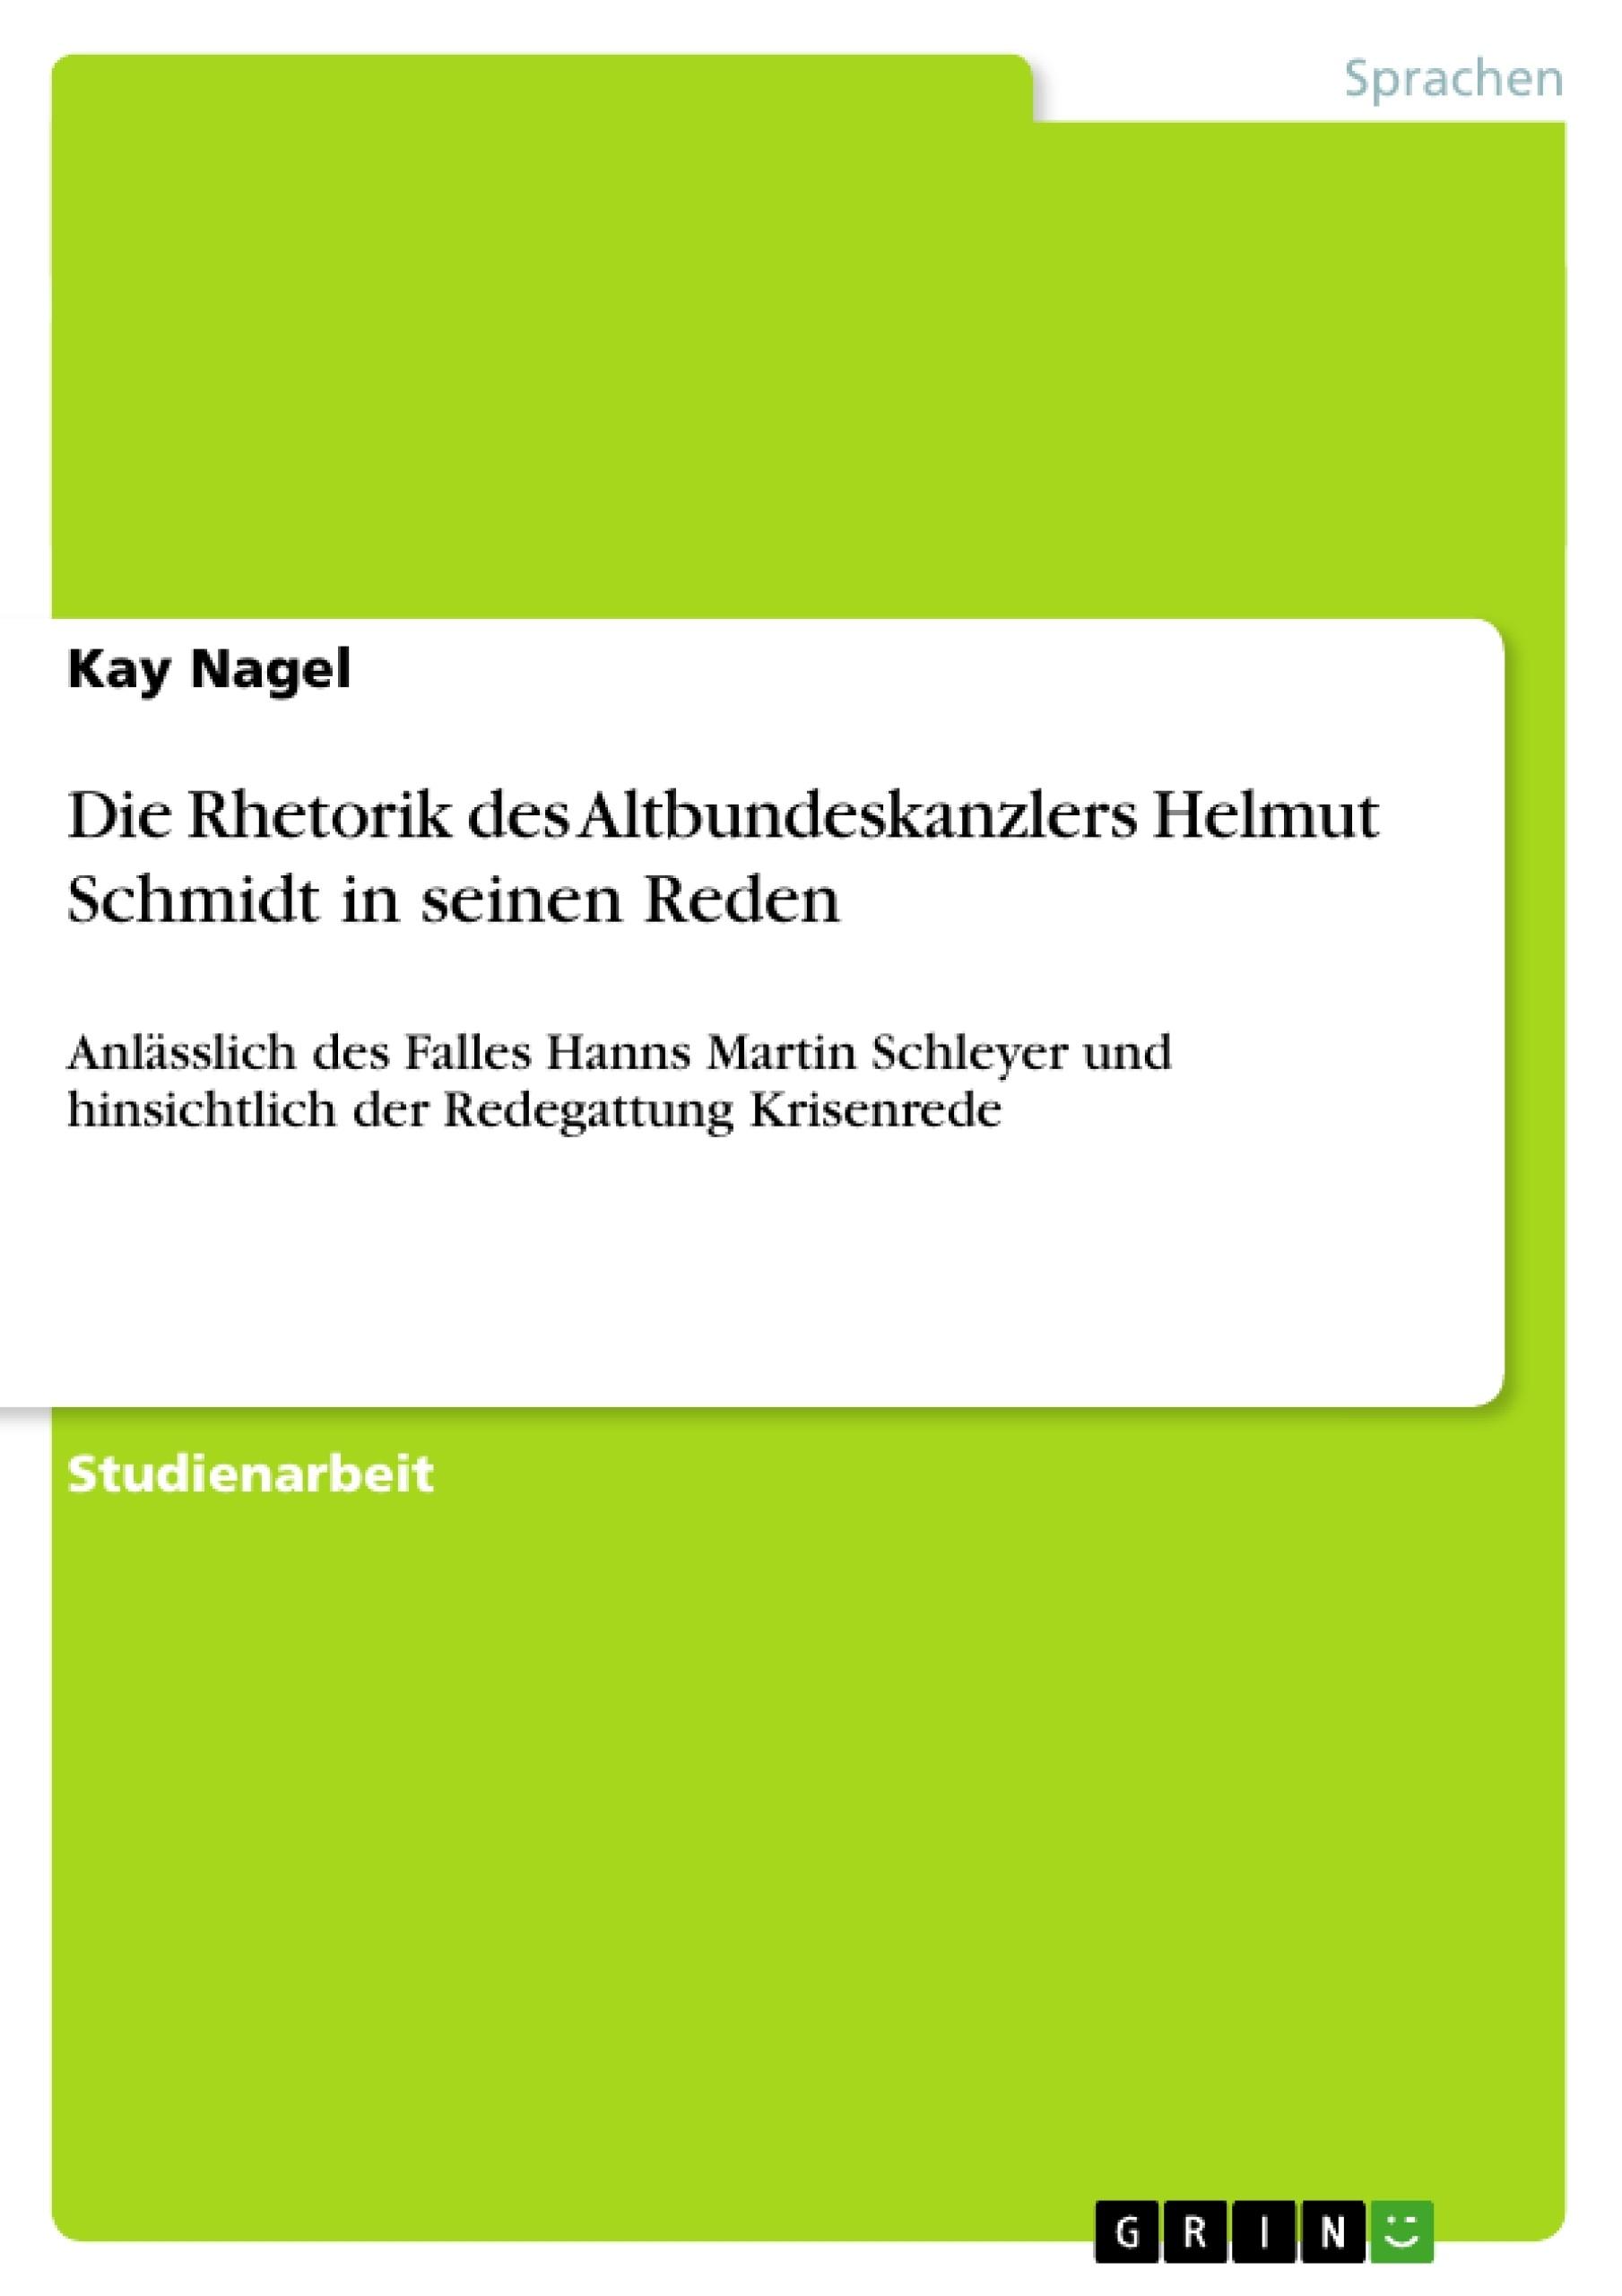 Titel: Die Rhetorik des Altbundeskanzlers Helmut Schmidt in seinen Reden